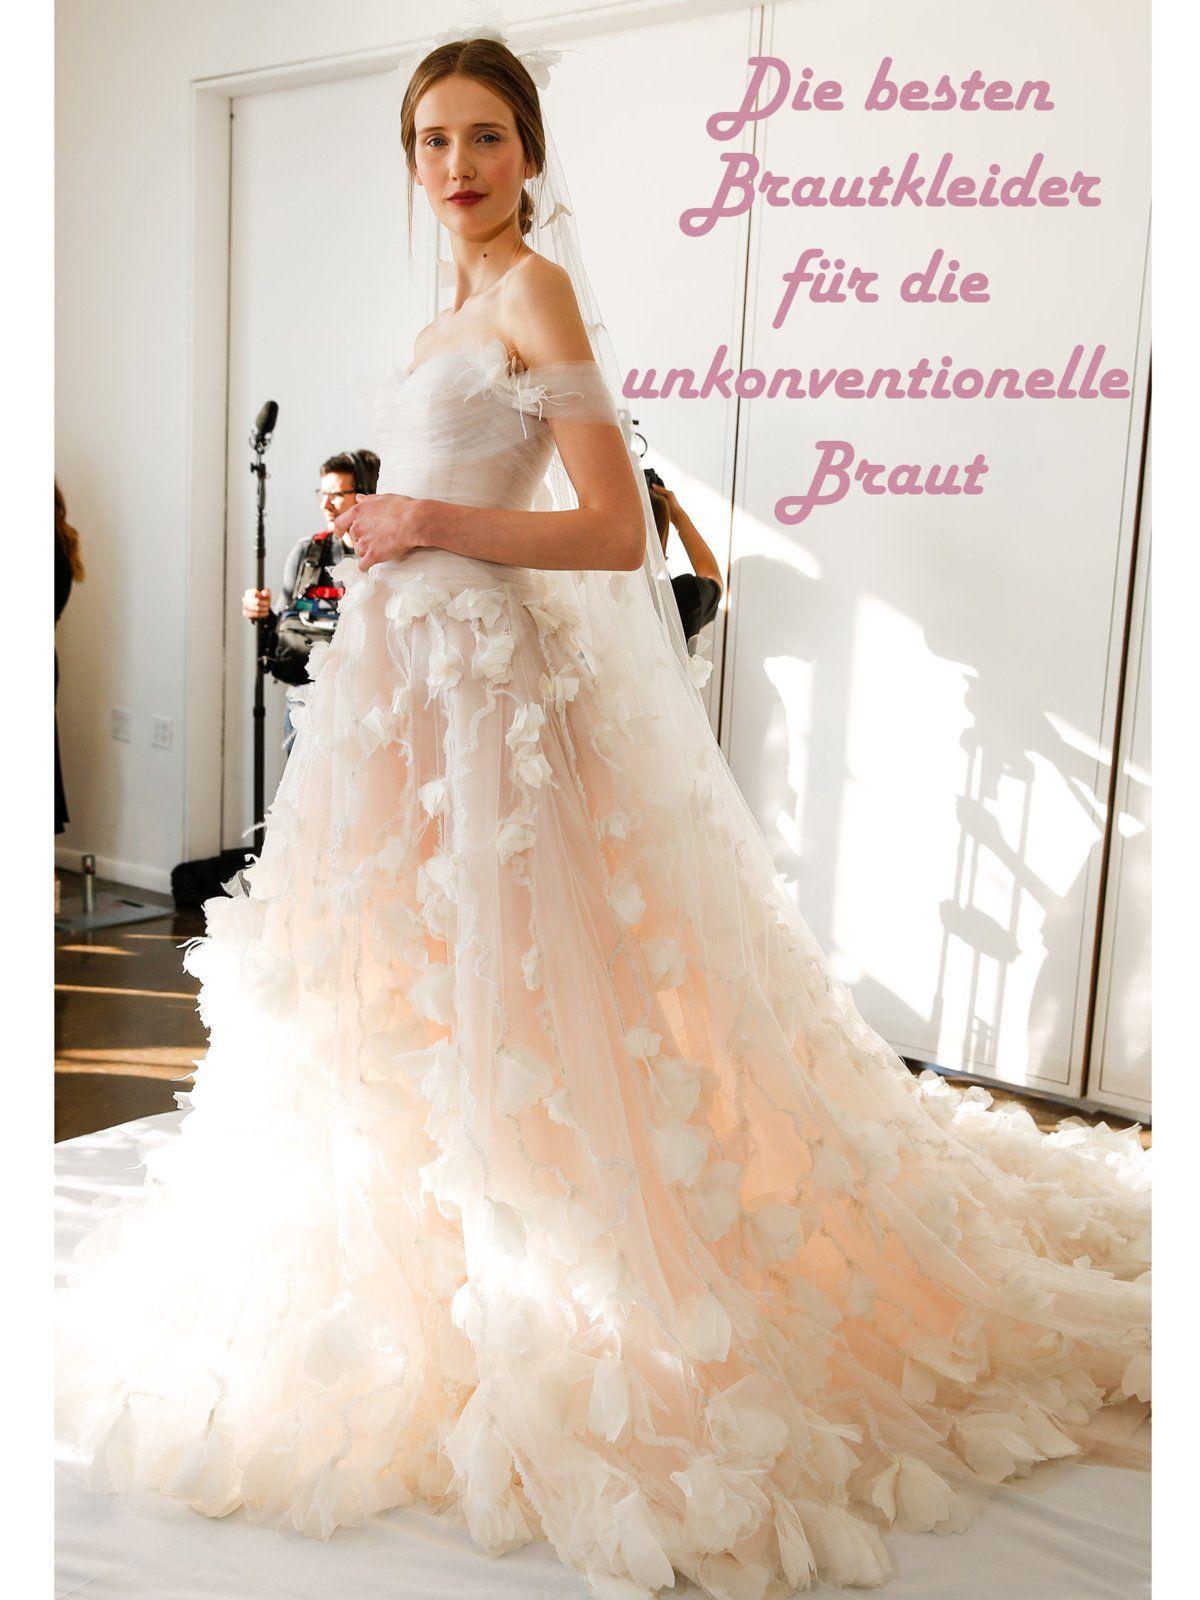 Unkonventionelle Brautkleider | Pinterest | Hochzeitskleid, Blüten ...